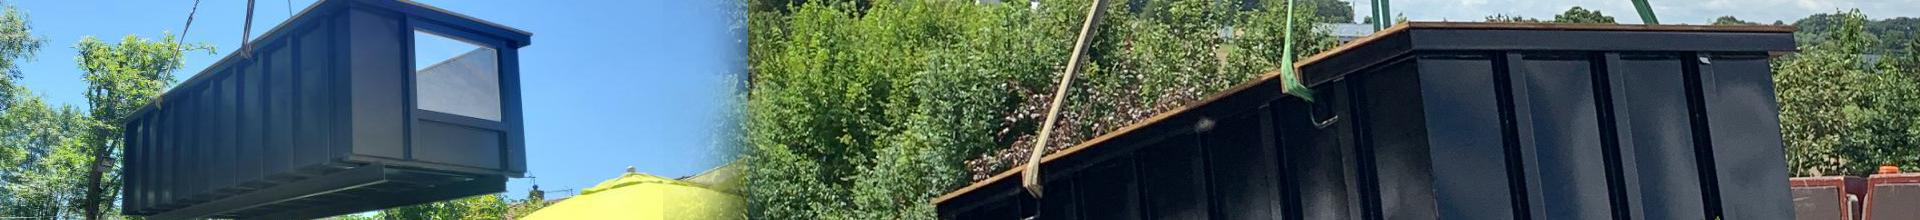 Projet container piscine sur mesure Belgique (Mons)